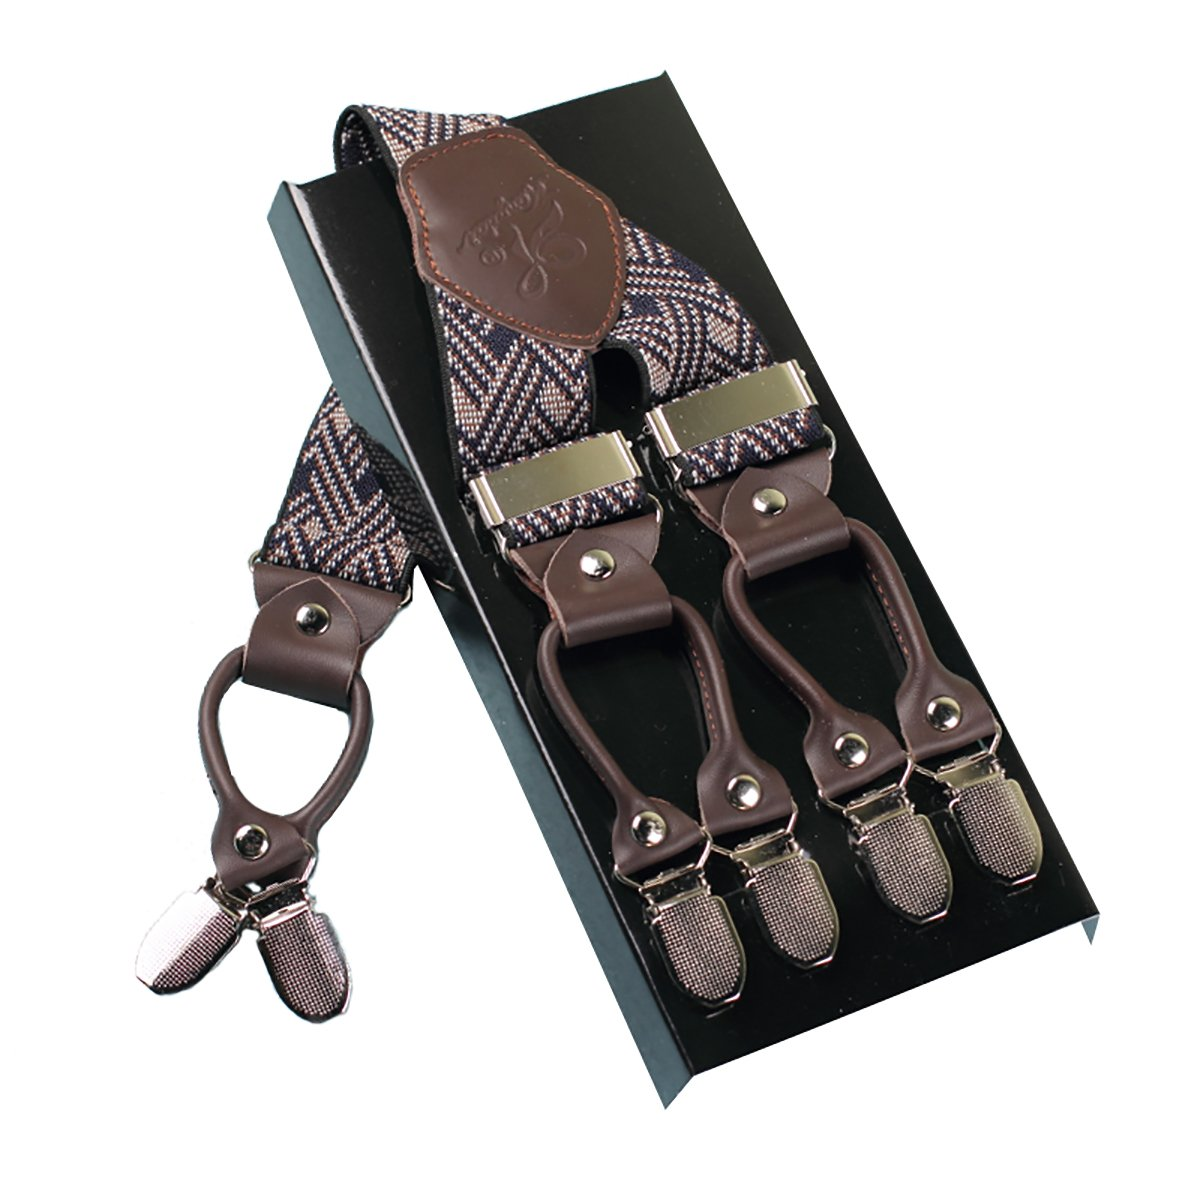 L'homme Bretelles De Mode Réglable Et Haute Qualité KANGDAI 6 Clips Avec Y Retour Durable Large Bretelles Élastique Bretelles Pour Pantalon Bretelles